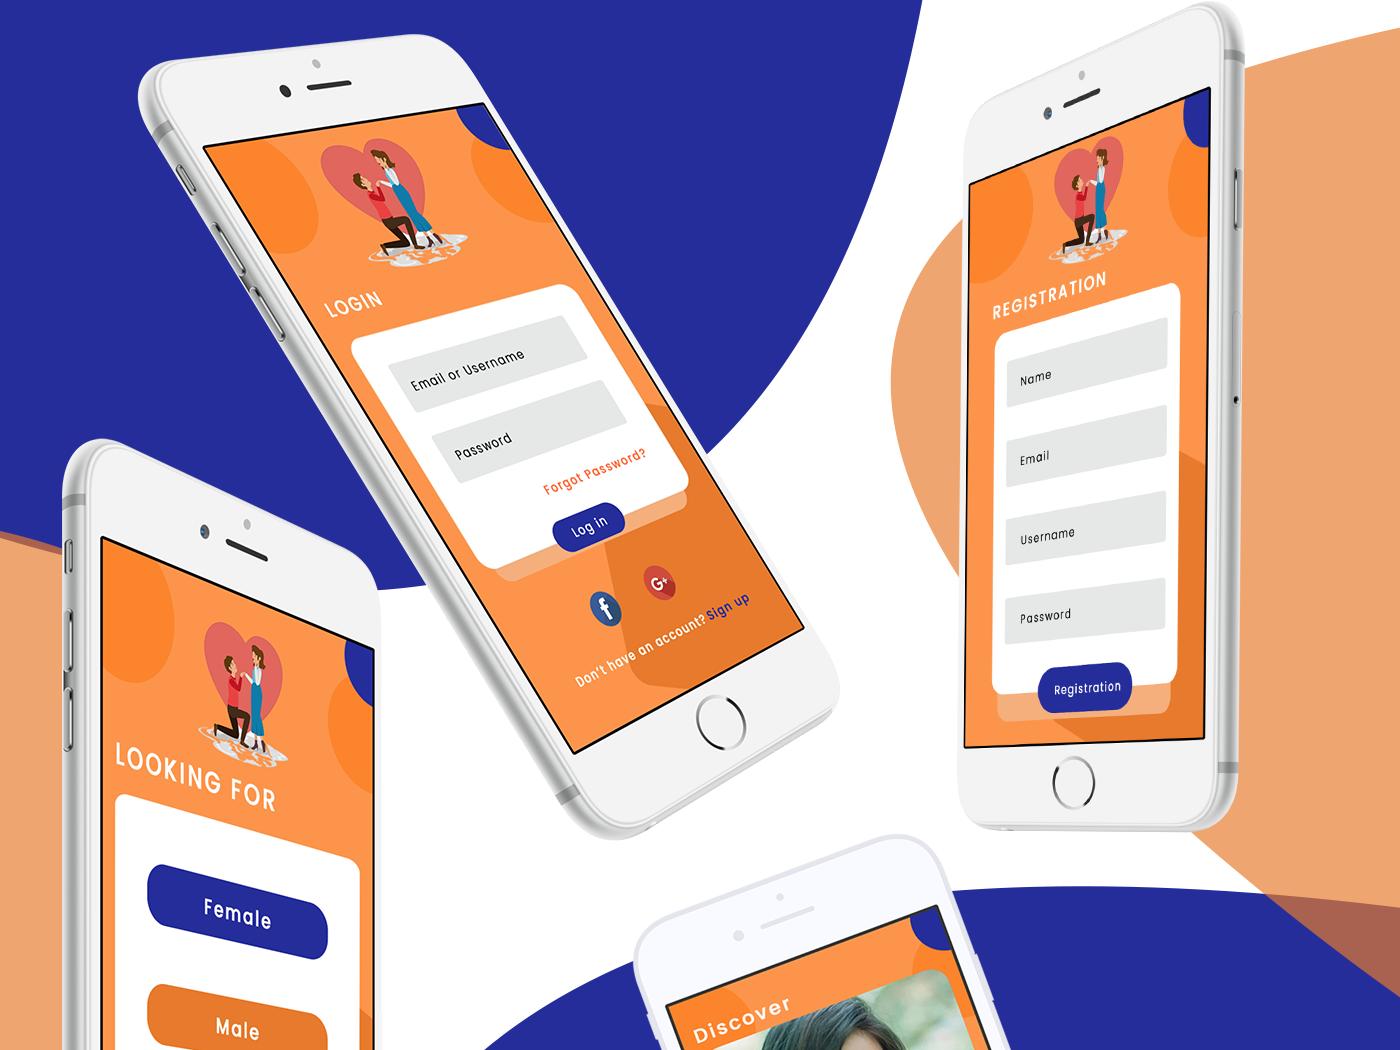 Dating app social match signup login tinder ux ui design illustration